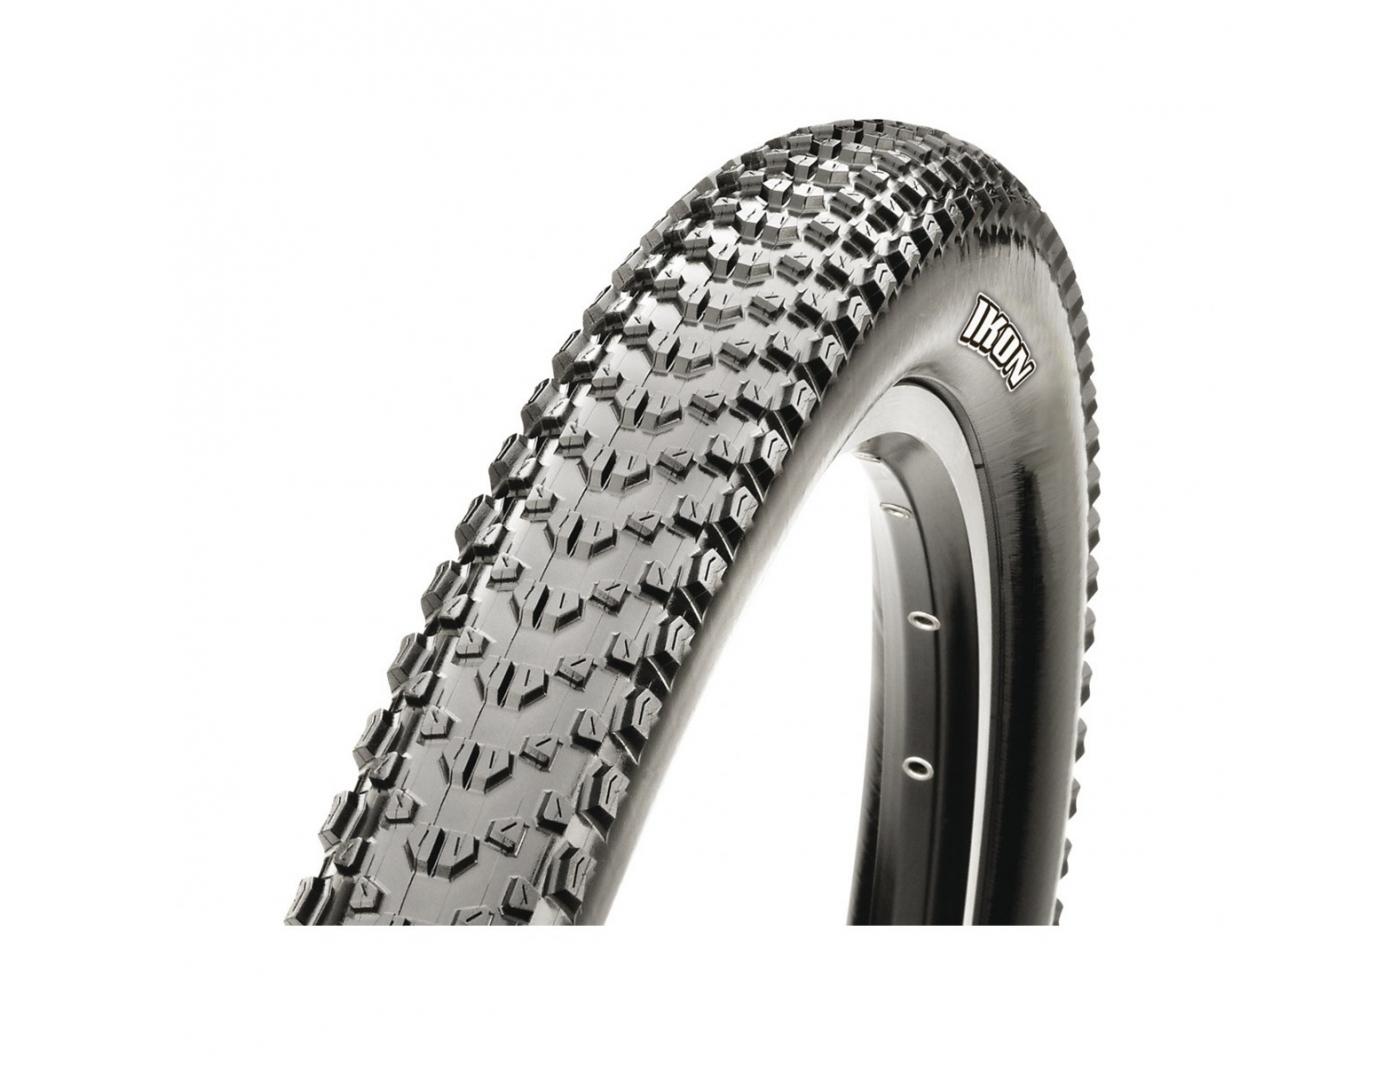 MAXXIS IKON 27.5X2.2 M319P F TT DK62 307/420 3YL шина велосипедная